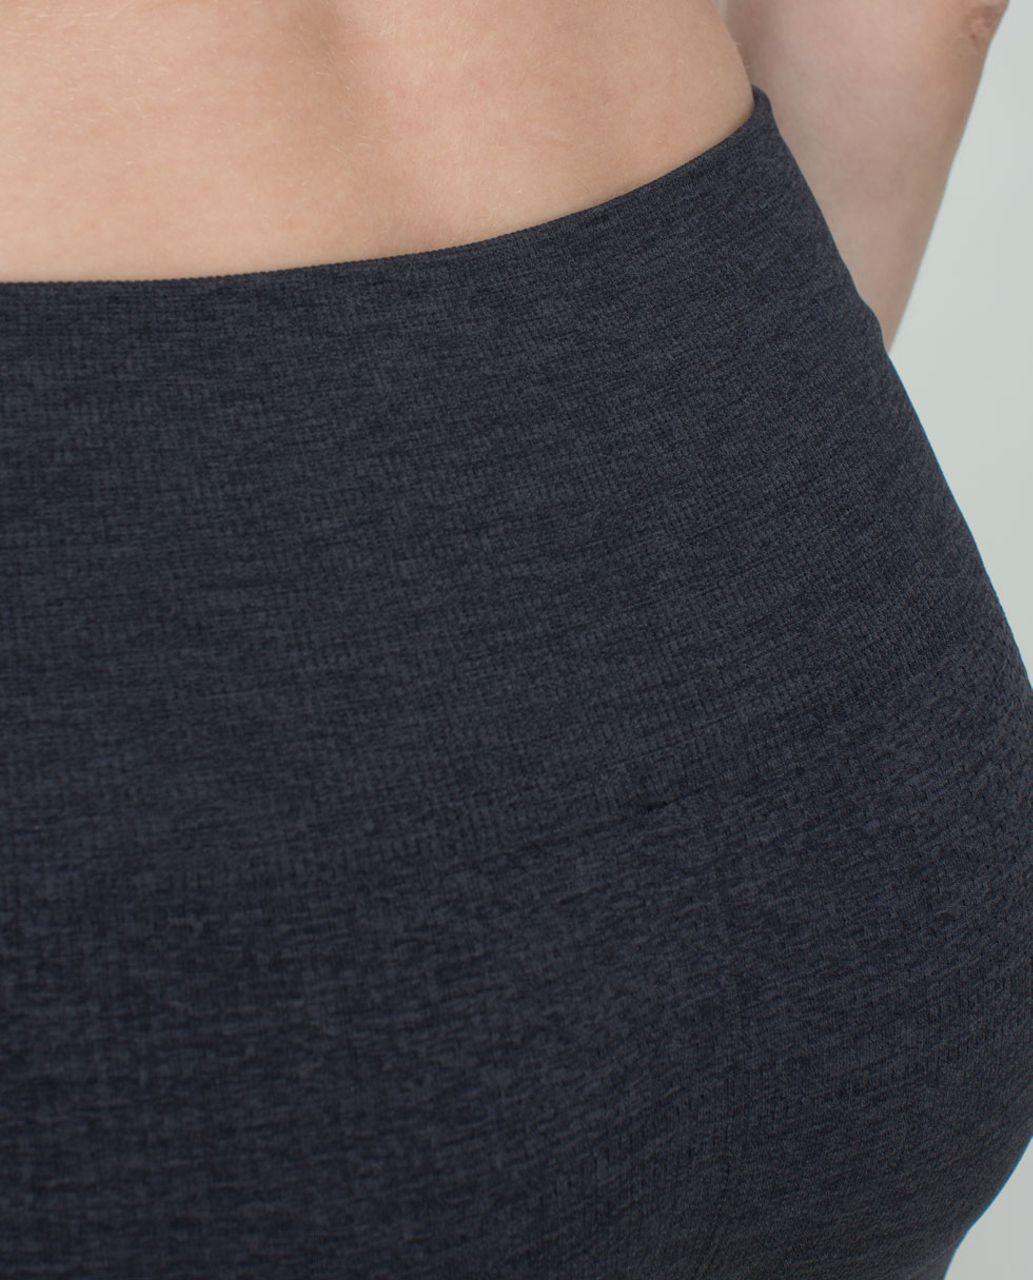 Lululemon Ebb To Street Pant - Heathered Black